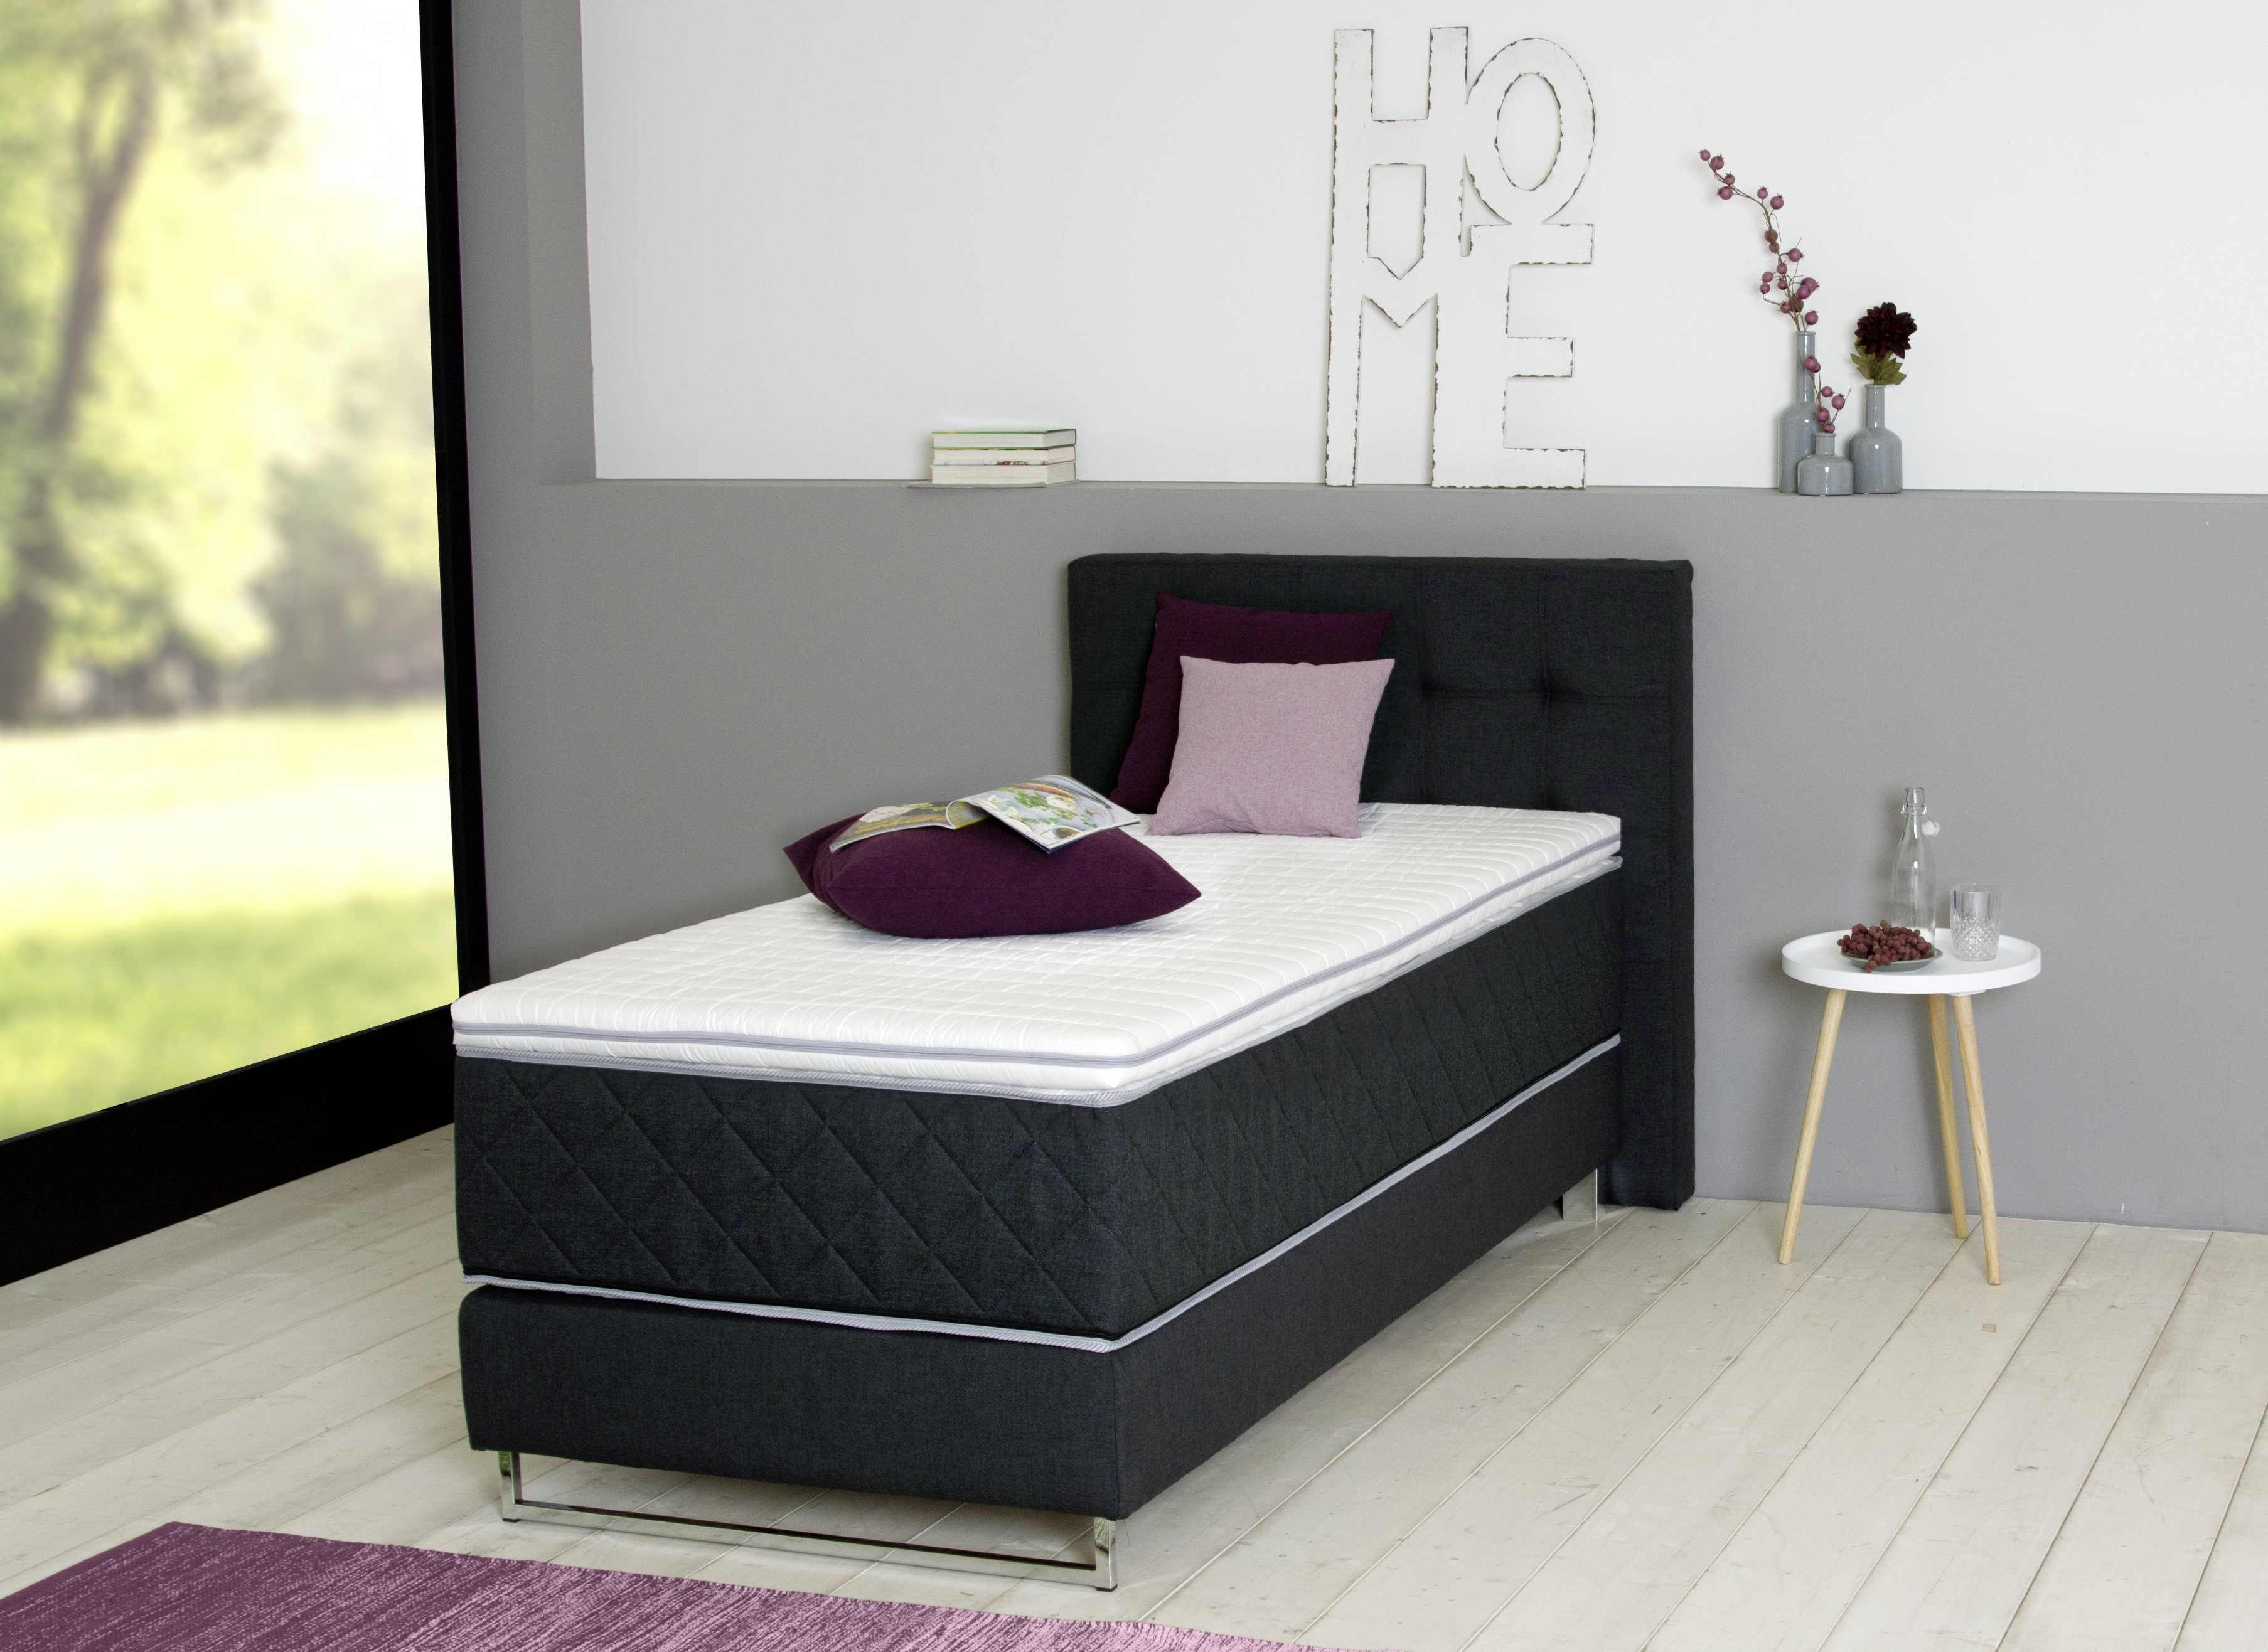 30cm xxl mammut ultra matratze 8cm gelschaum 6cm kaltschaum topper alle gr en. Black Bedroom Furniture Sets. Home Design Ideas